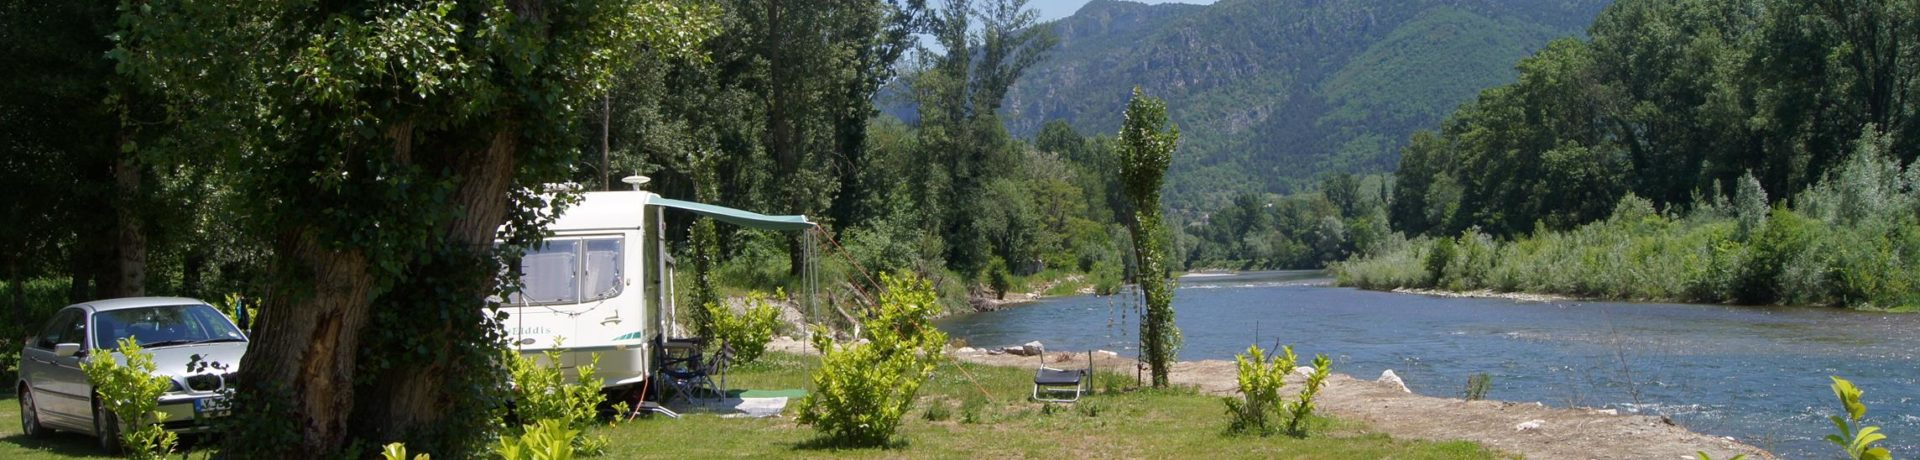 Camping Les Bords Du Tarn is eenprachtigecharmecaping met zwembad aan de oever van de rivier de Tarn in de Aveyron.